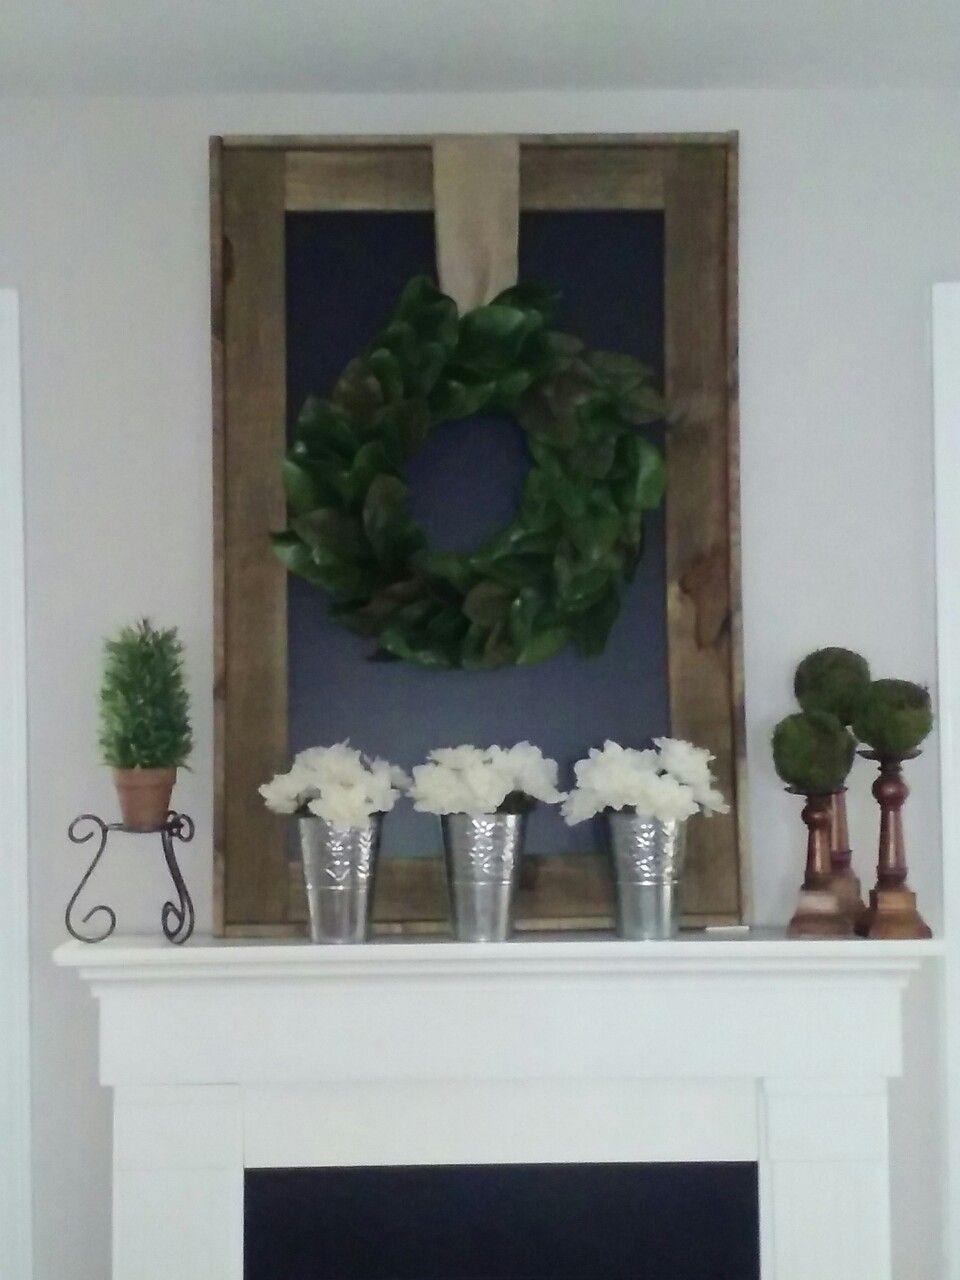 Modern Farmhouse Exterior Wreaths Garlands